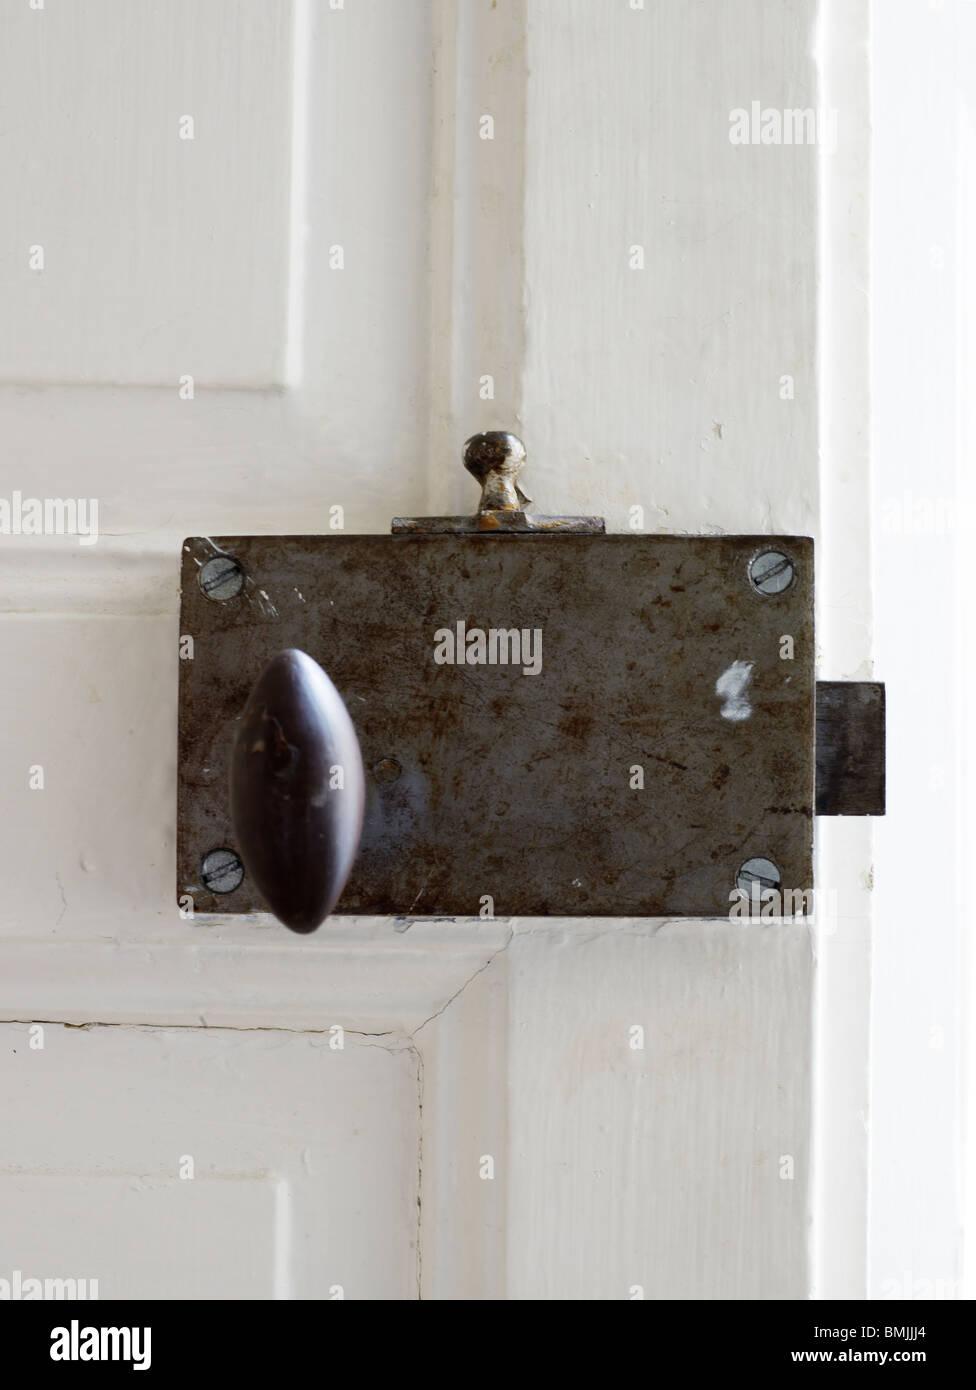 Scandinavia, Sweden, Stockholm, Door lock, close-up - Stock Image